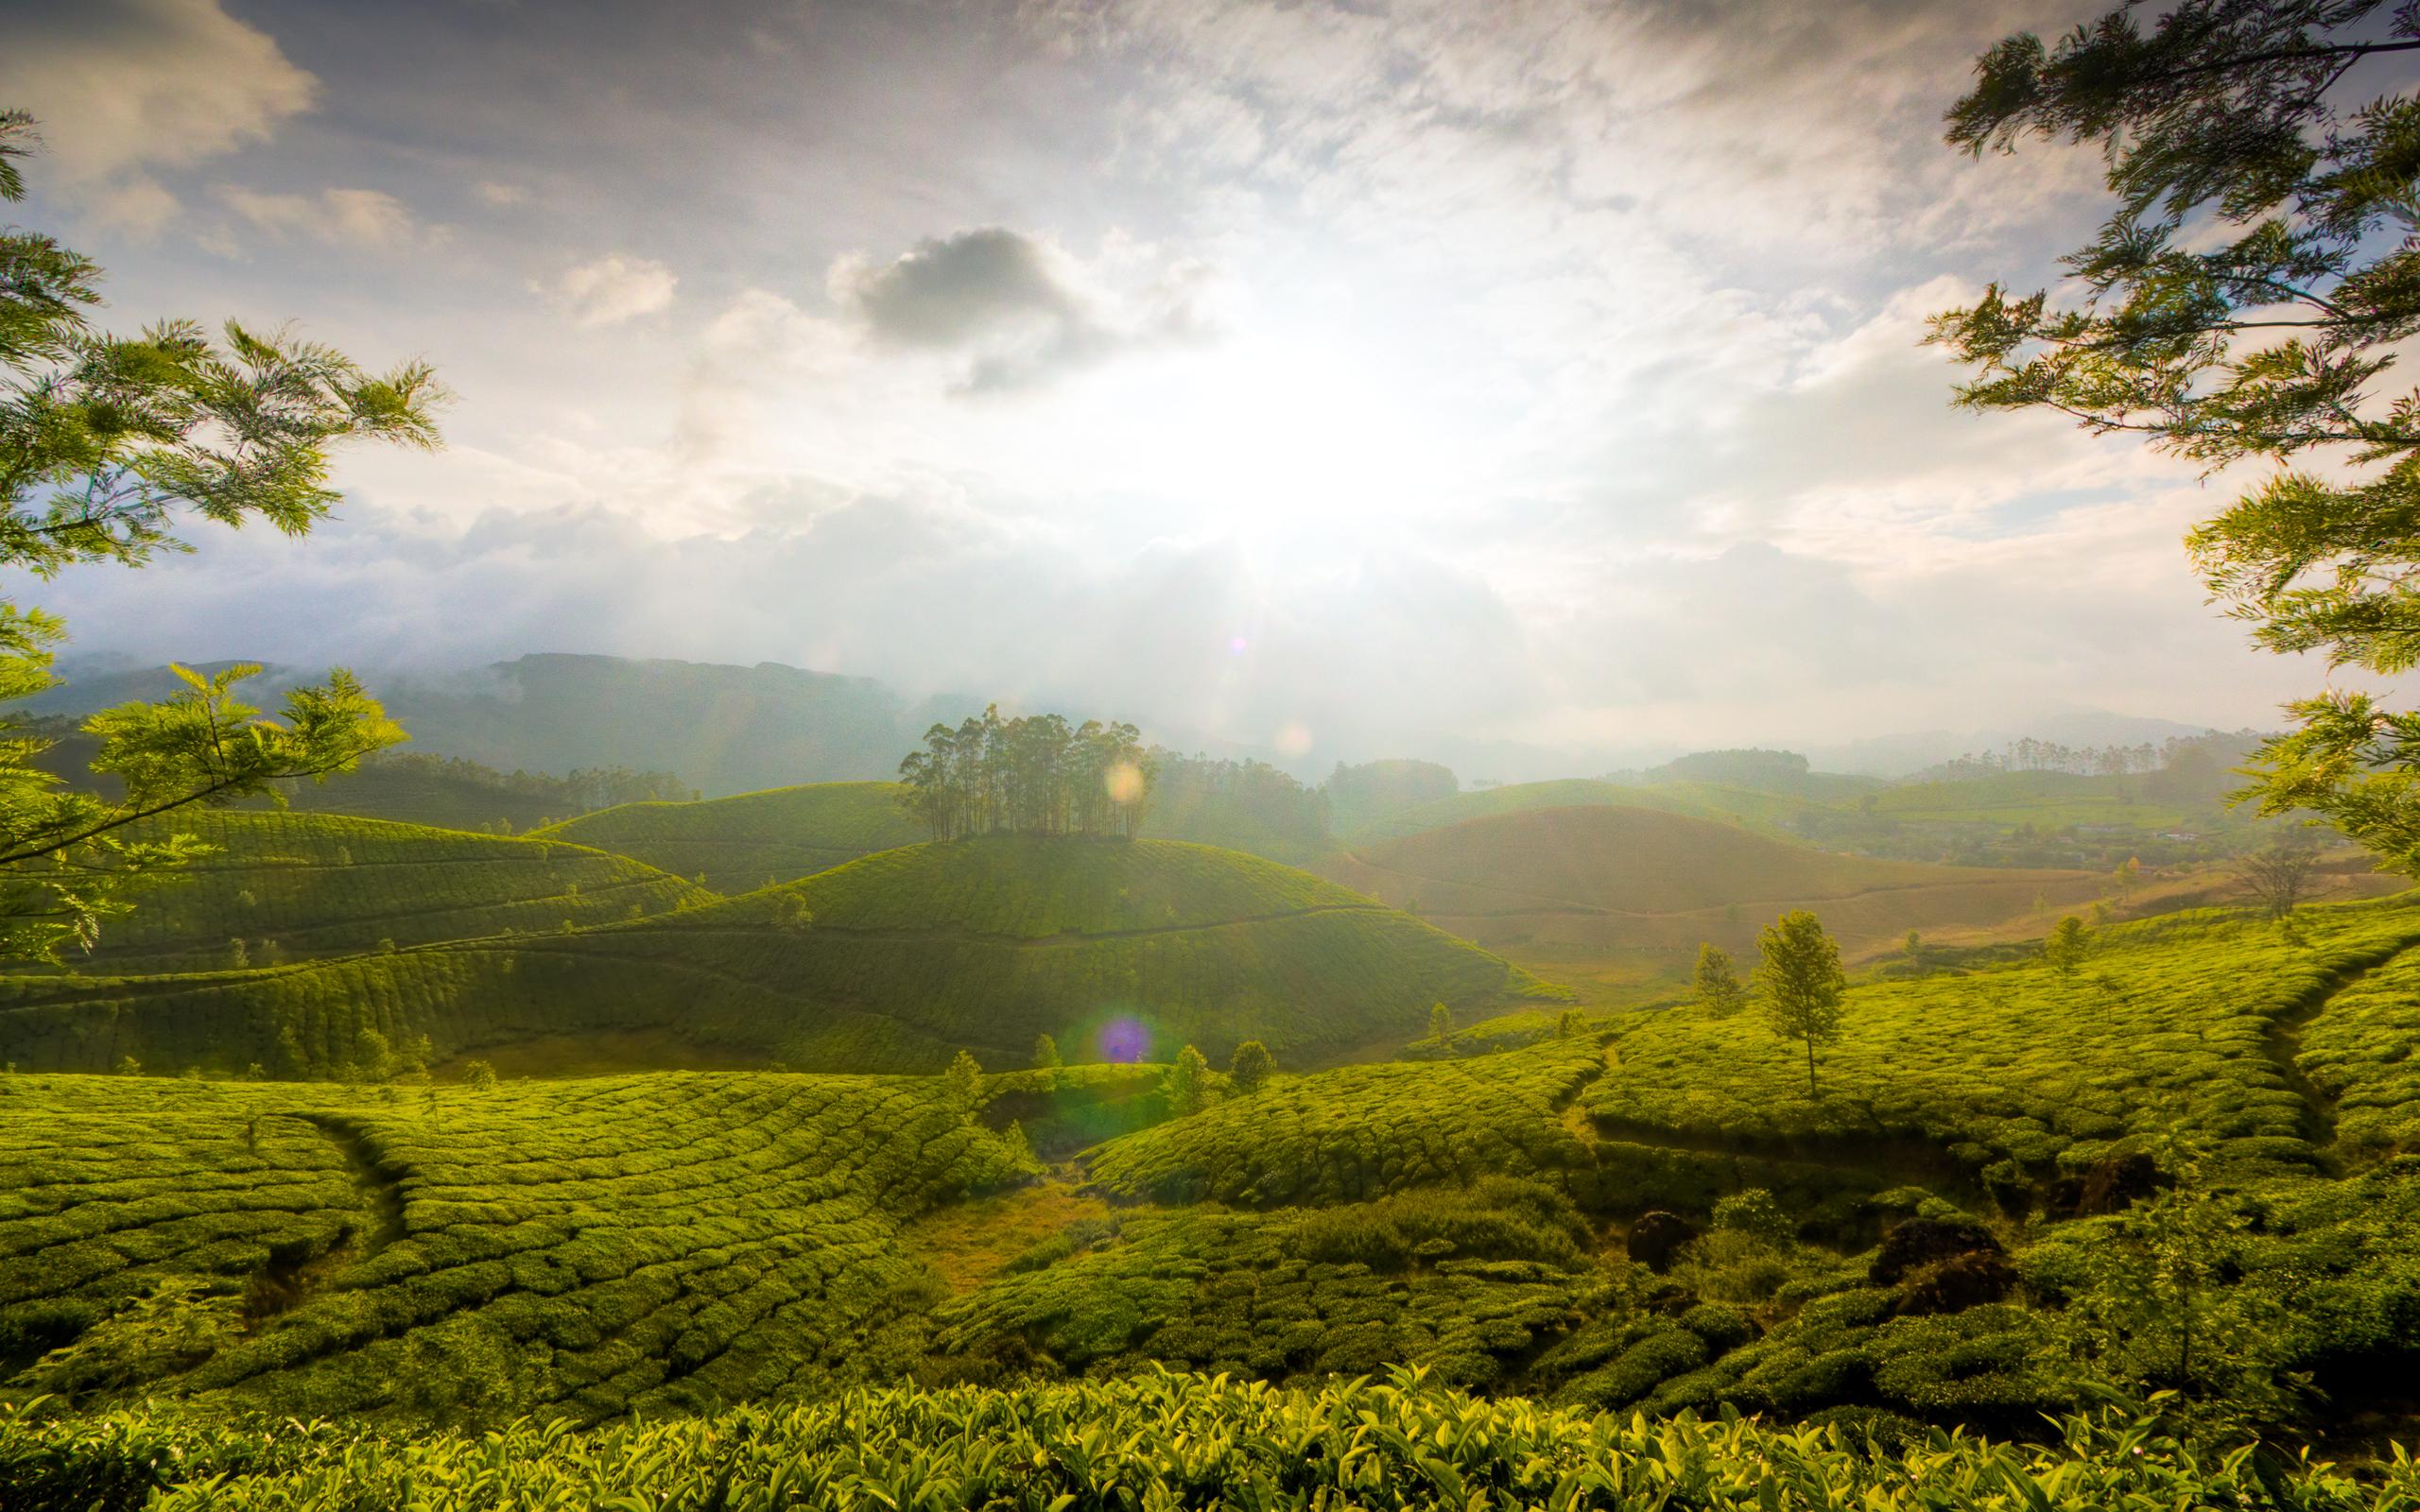 munnar_hills_kerala_india-wide